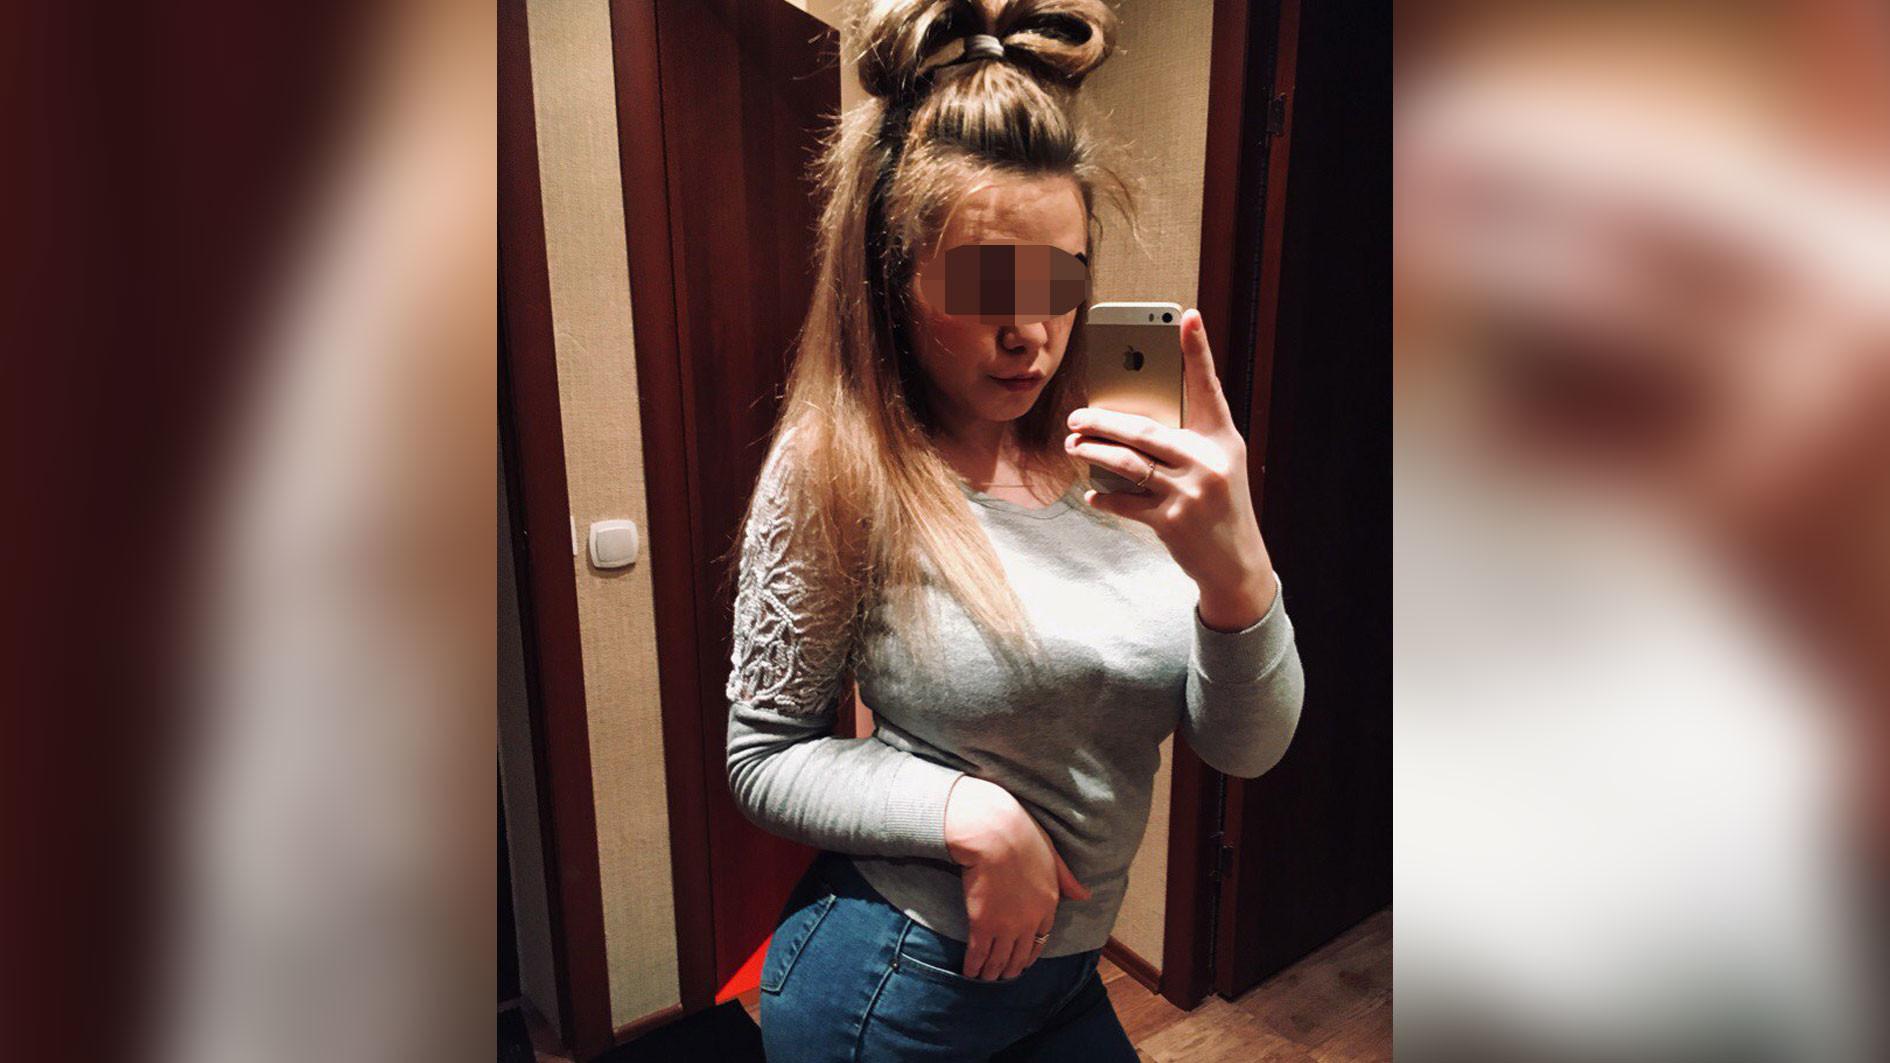 17-летняя Александра Д., которая инициировала нападение. Фото: Cоцсети